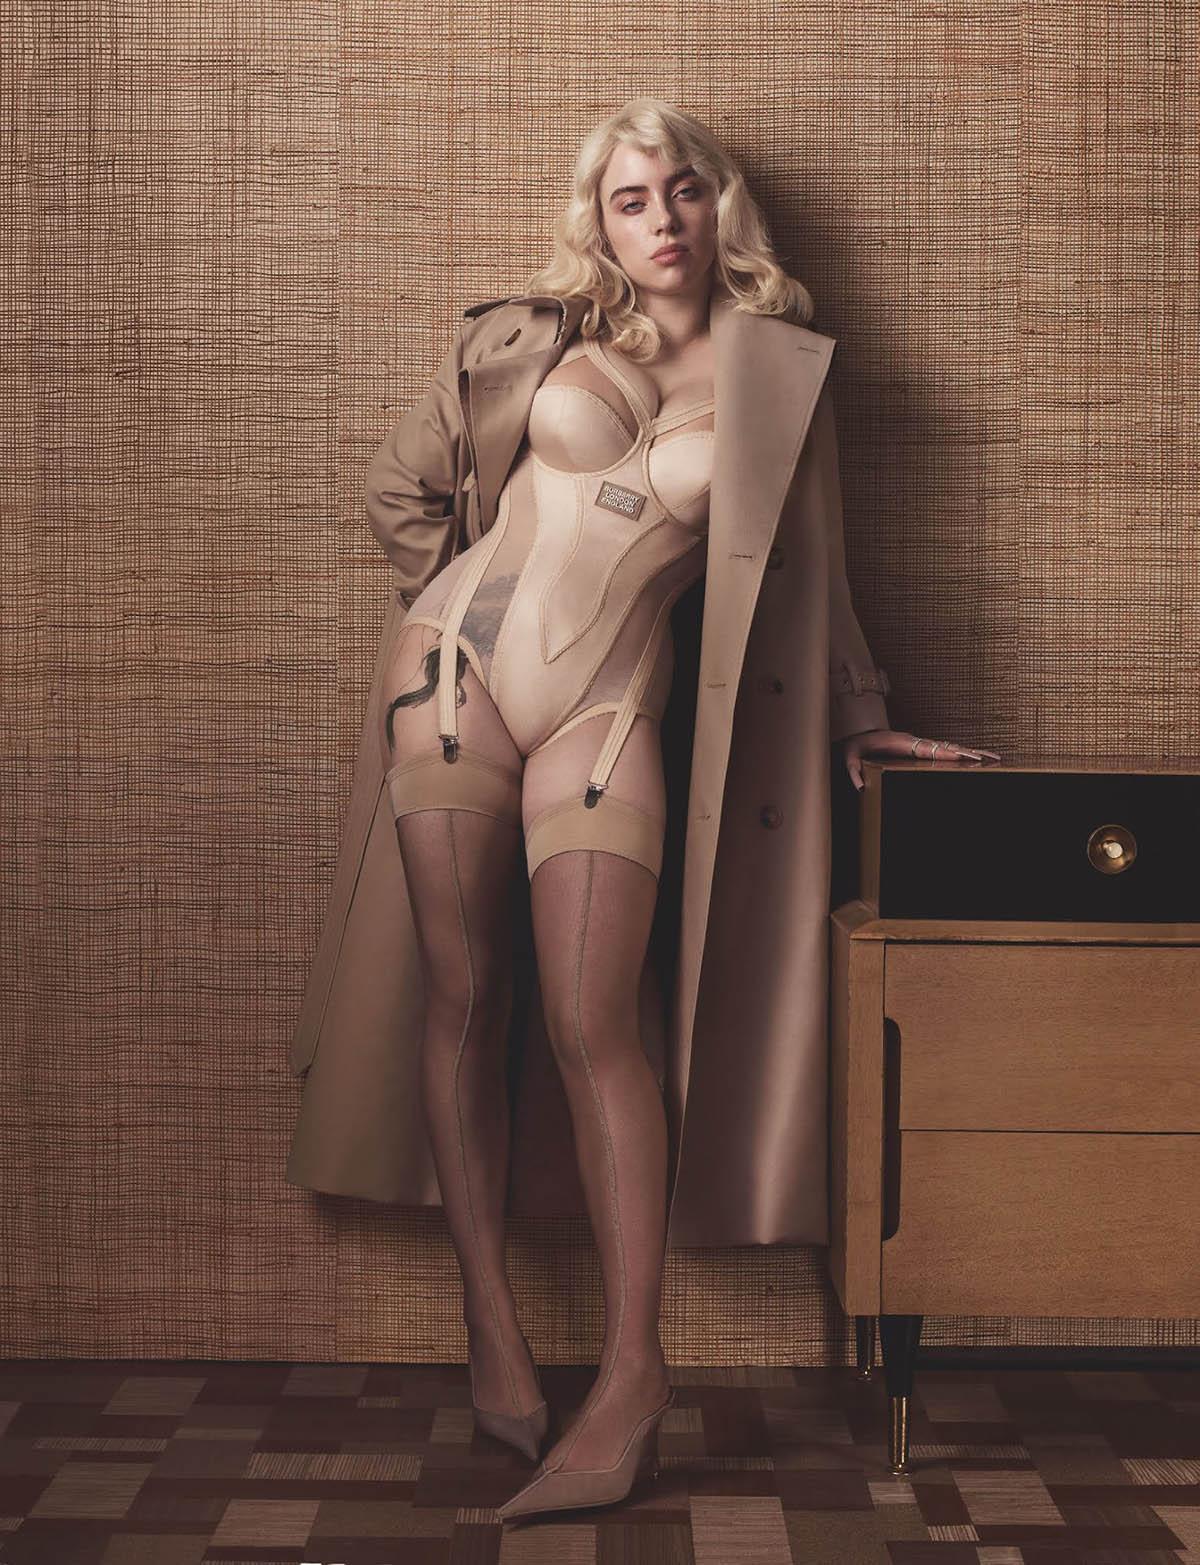 Billie Eilish covers British Vogue June 2021 by Craig McDean